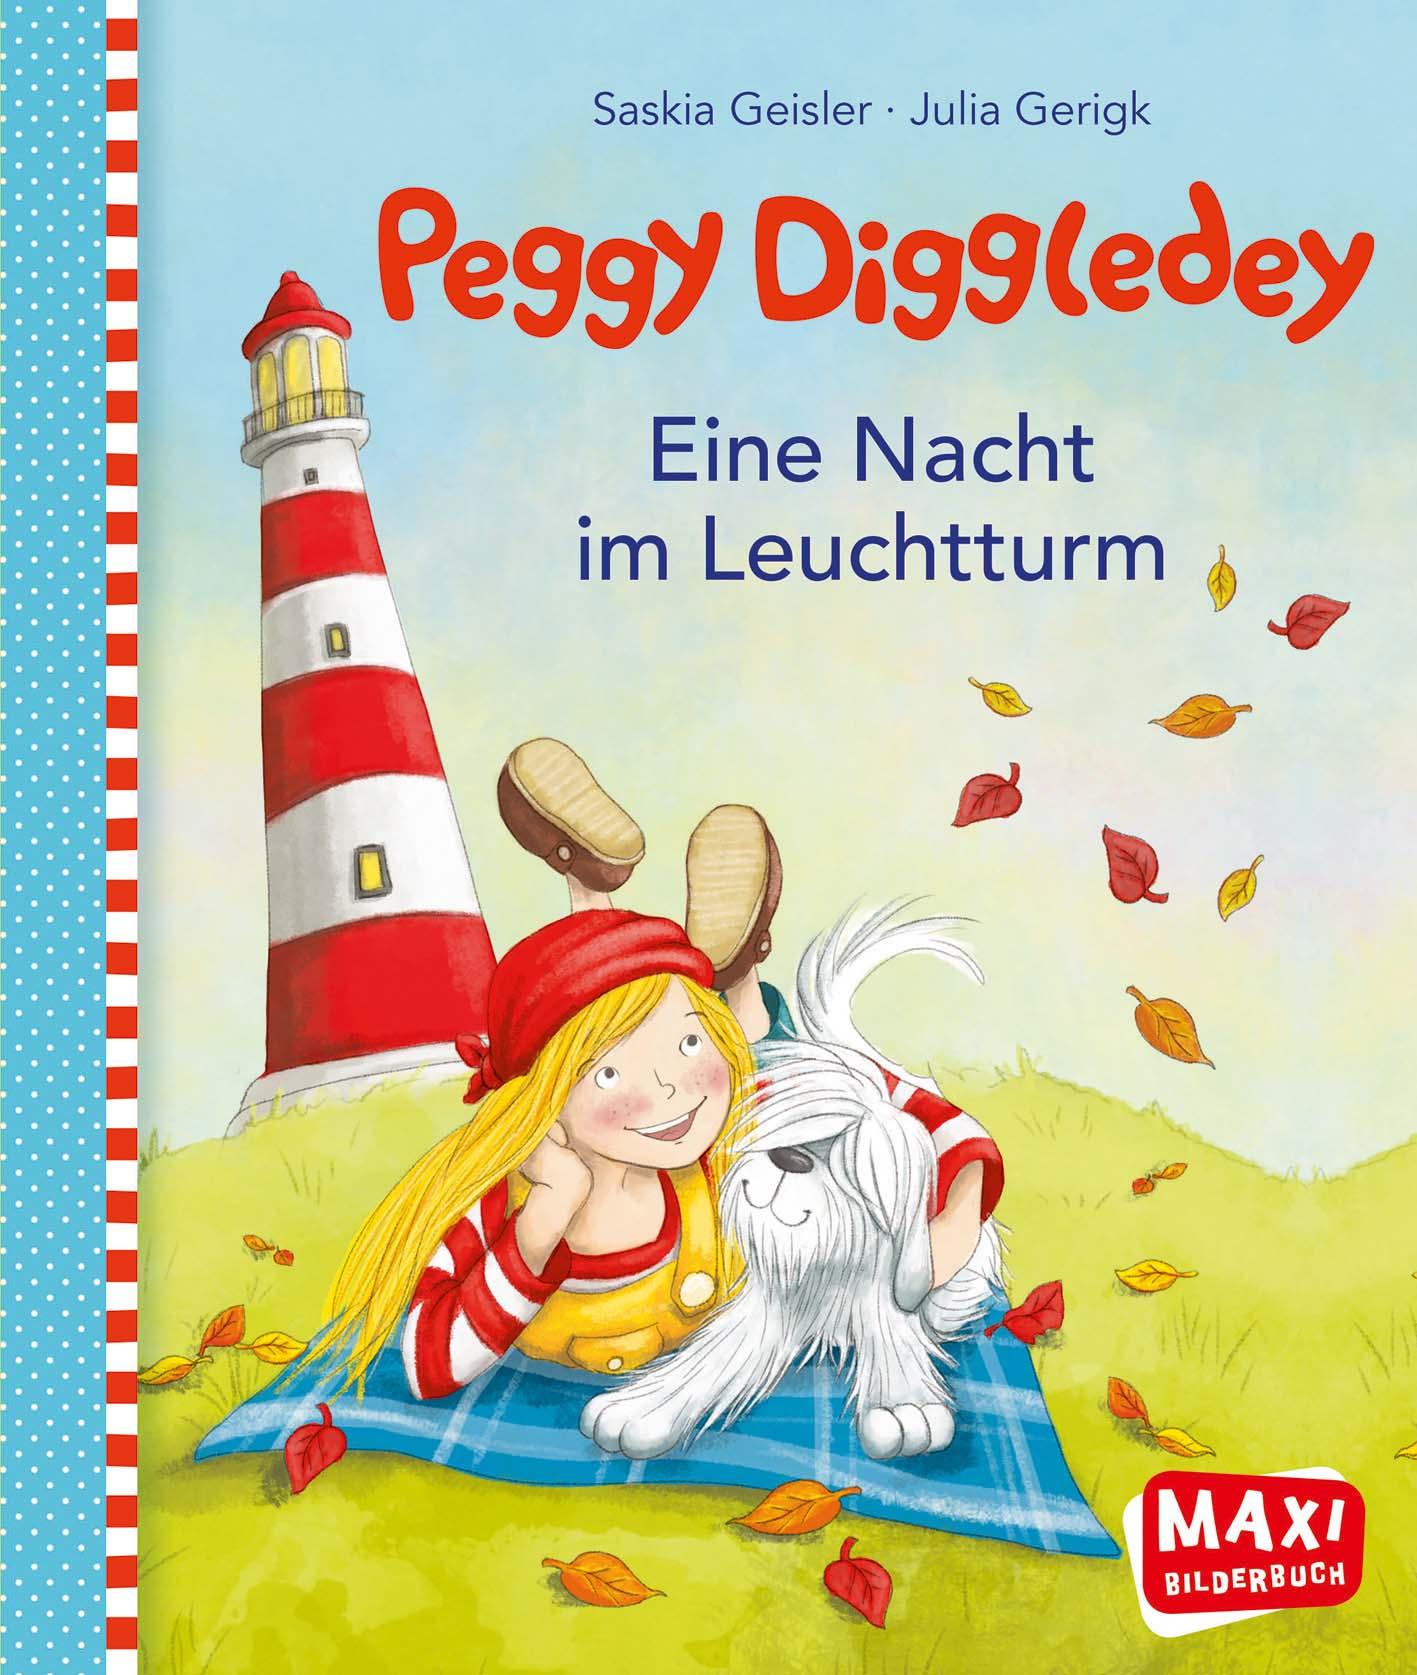 Maxibuch Peggy Diggledey - Eine Nacht im Leuchtturm